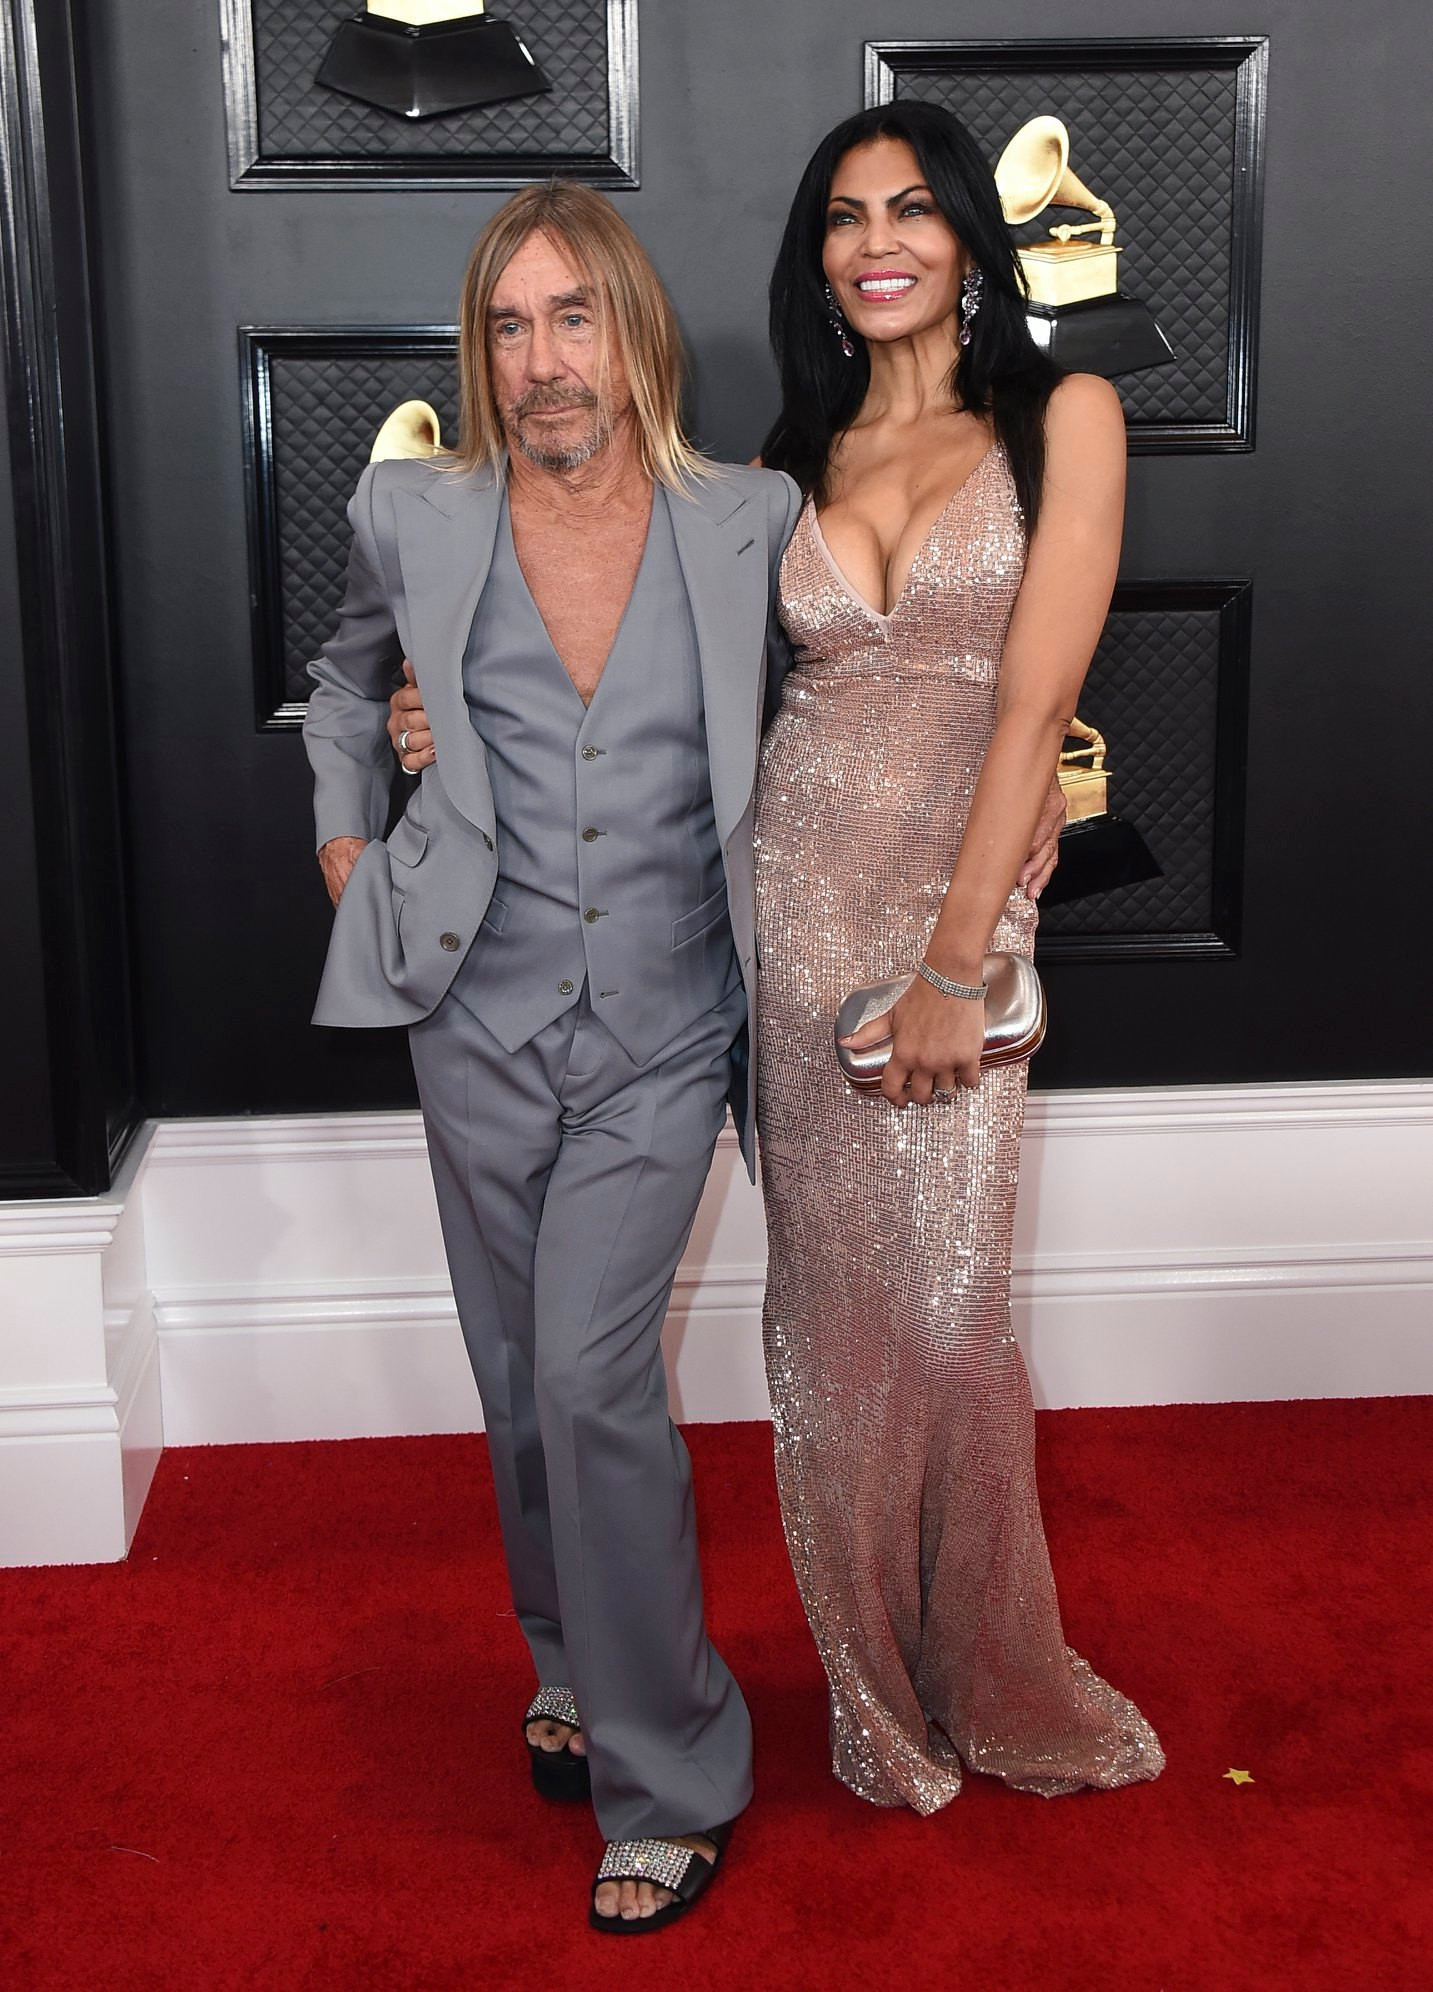 Iggy Pop felesége, Nina Alu társaságában és egy flitteres papucsban érkezett meg a Staples Centerbe